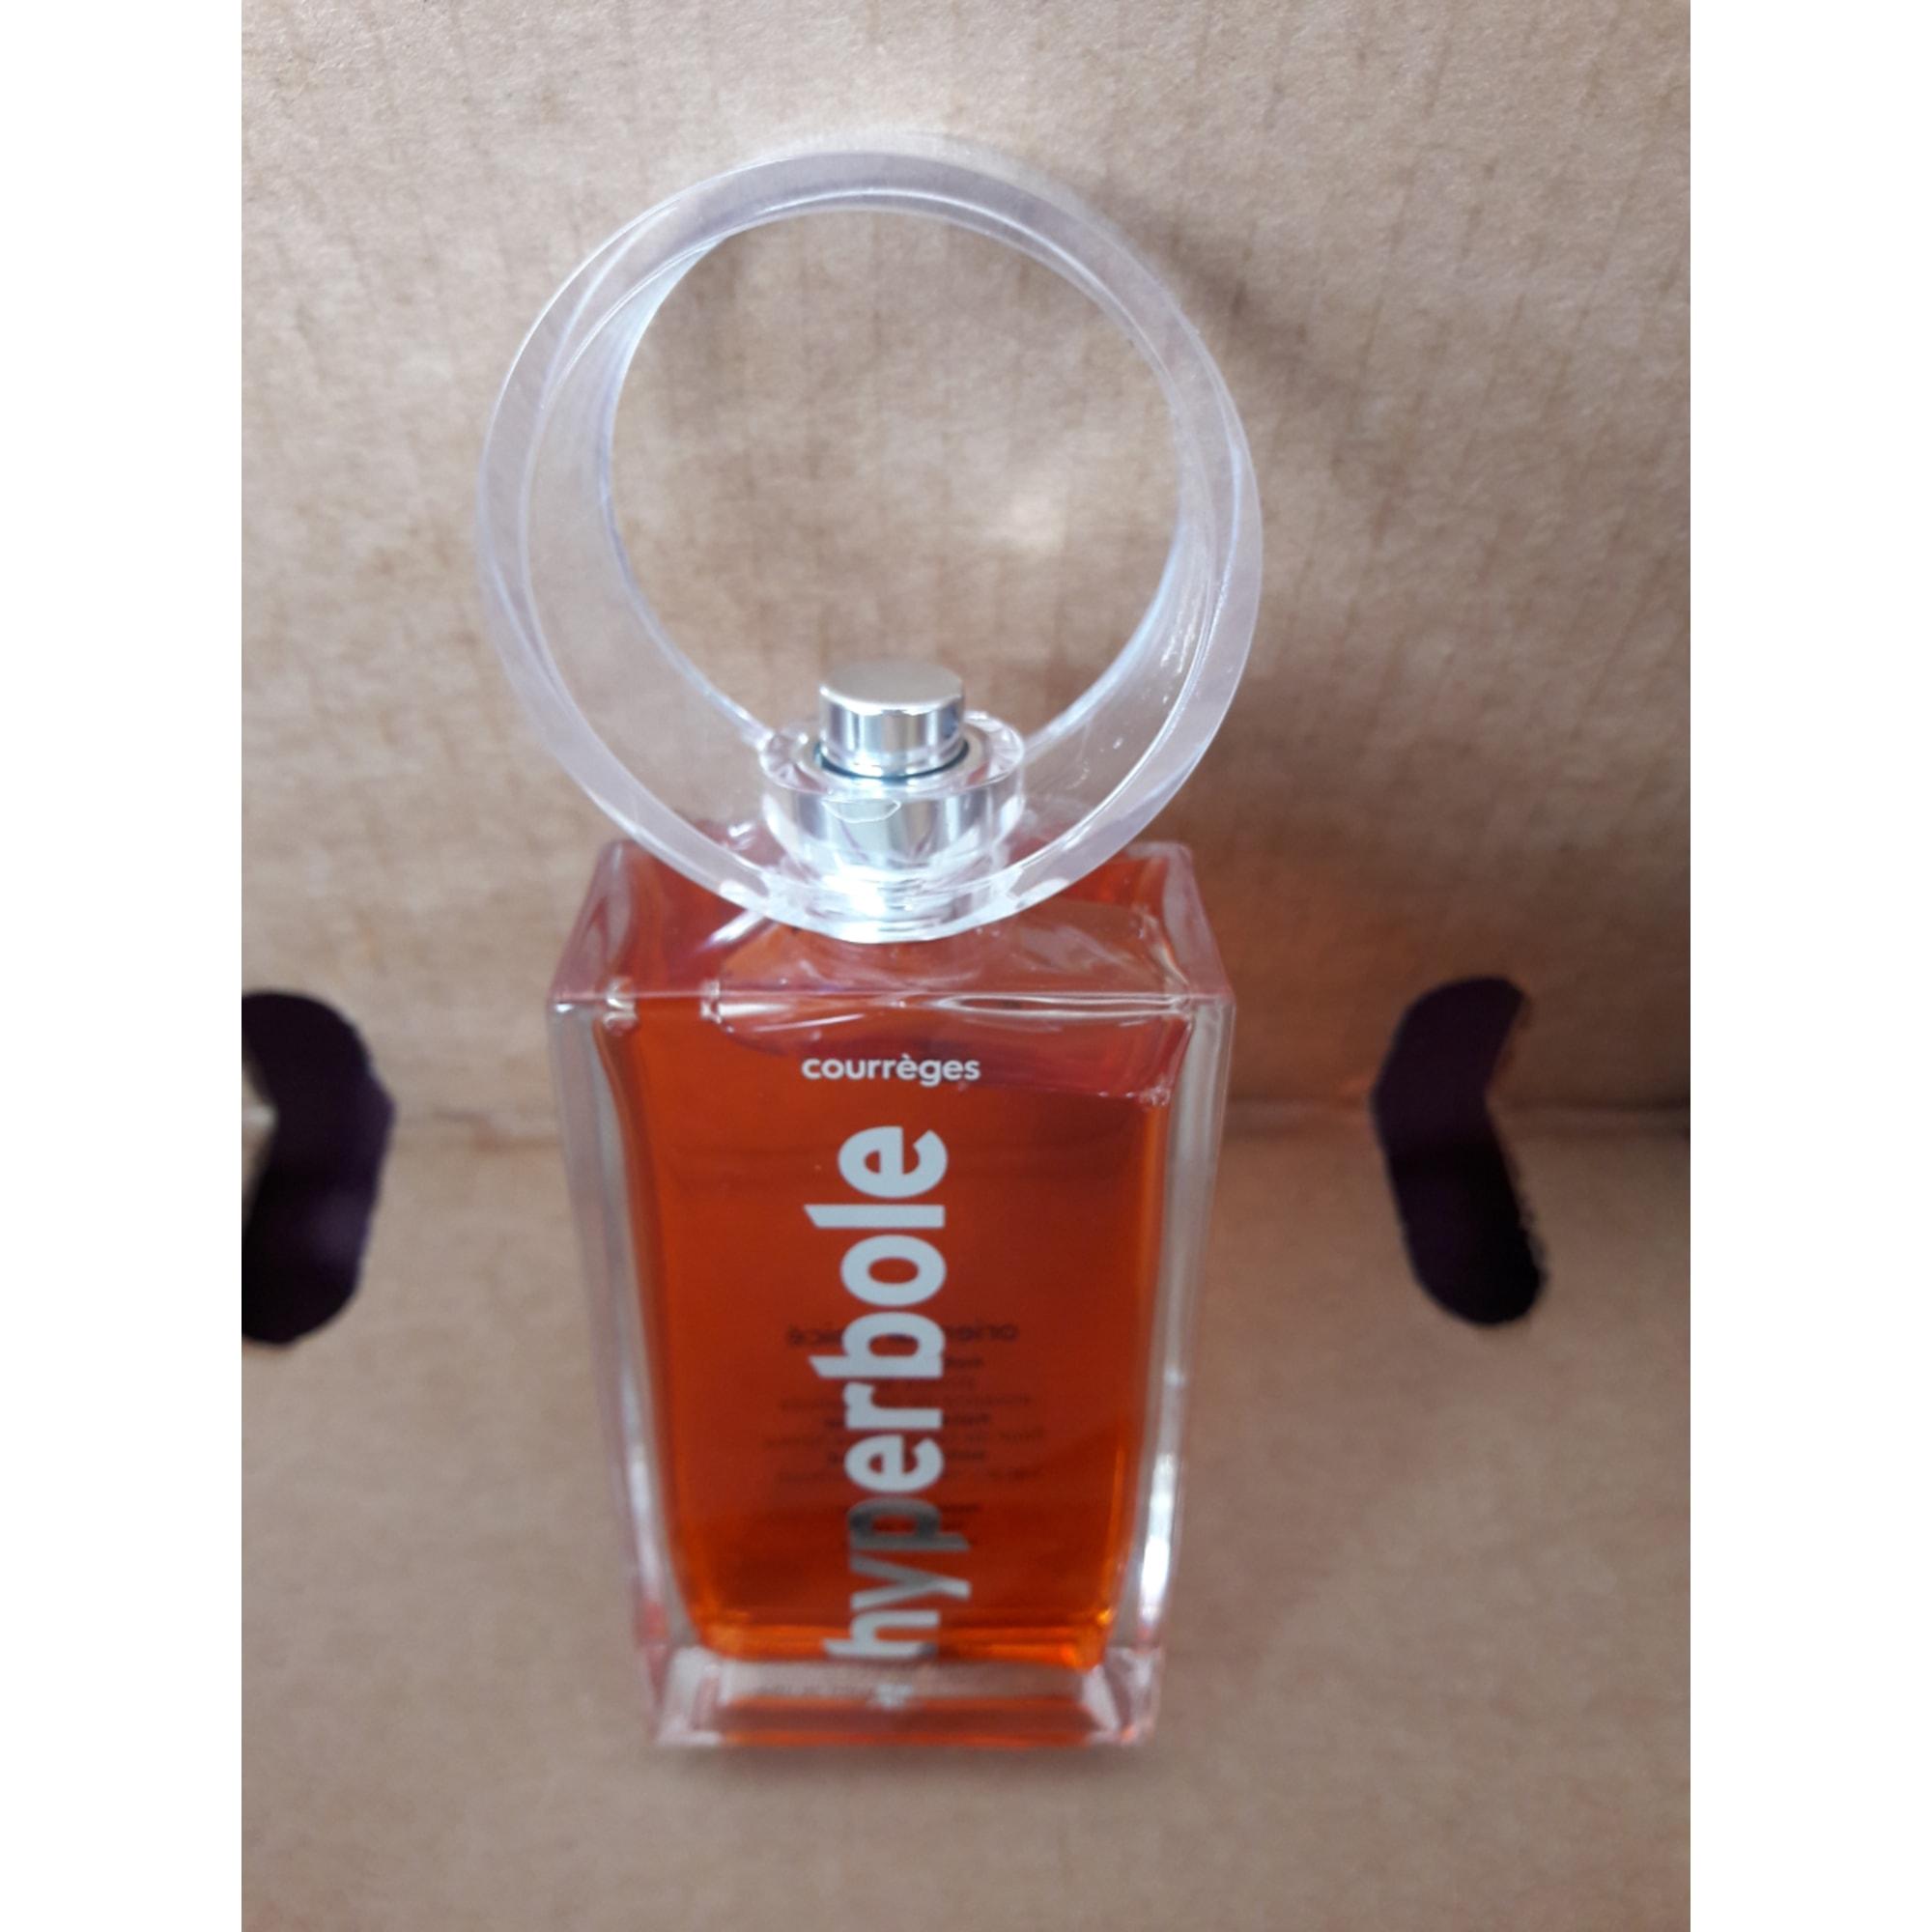 8067021 Stqdchr Courrèges Parfum De Eau TJlK1cF